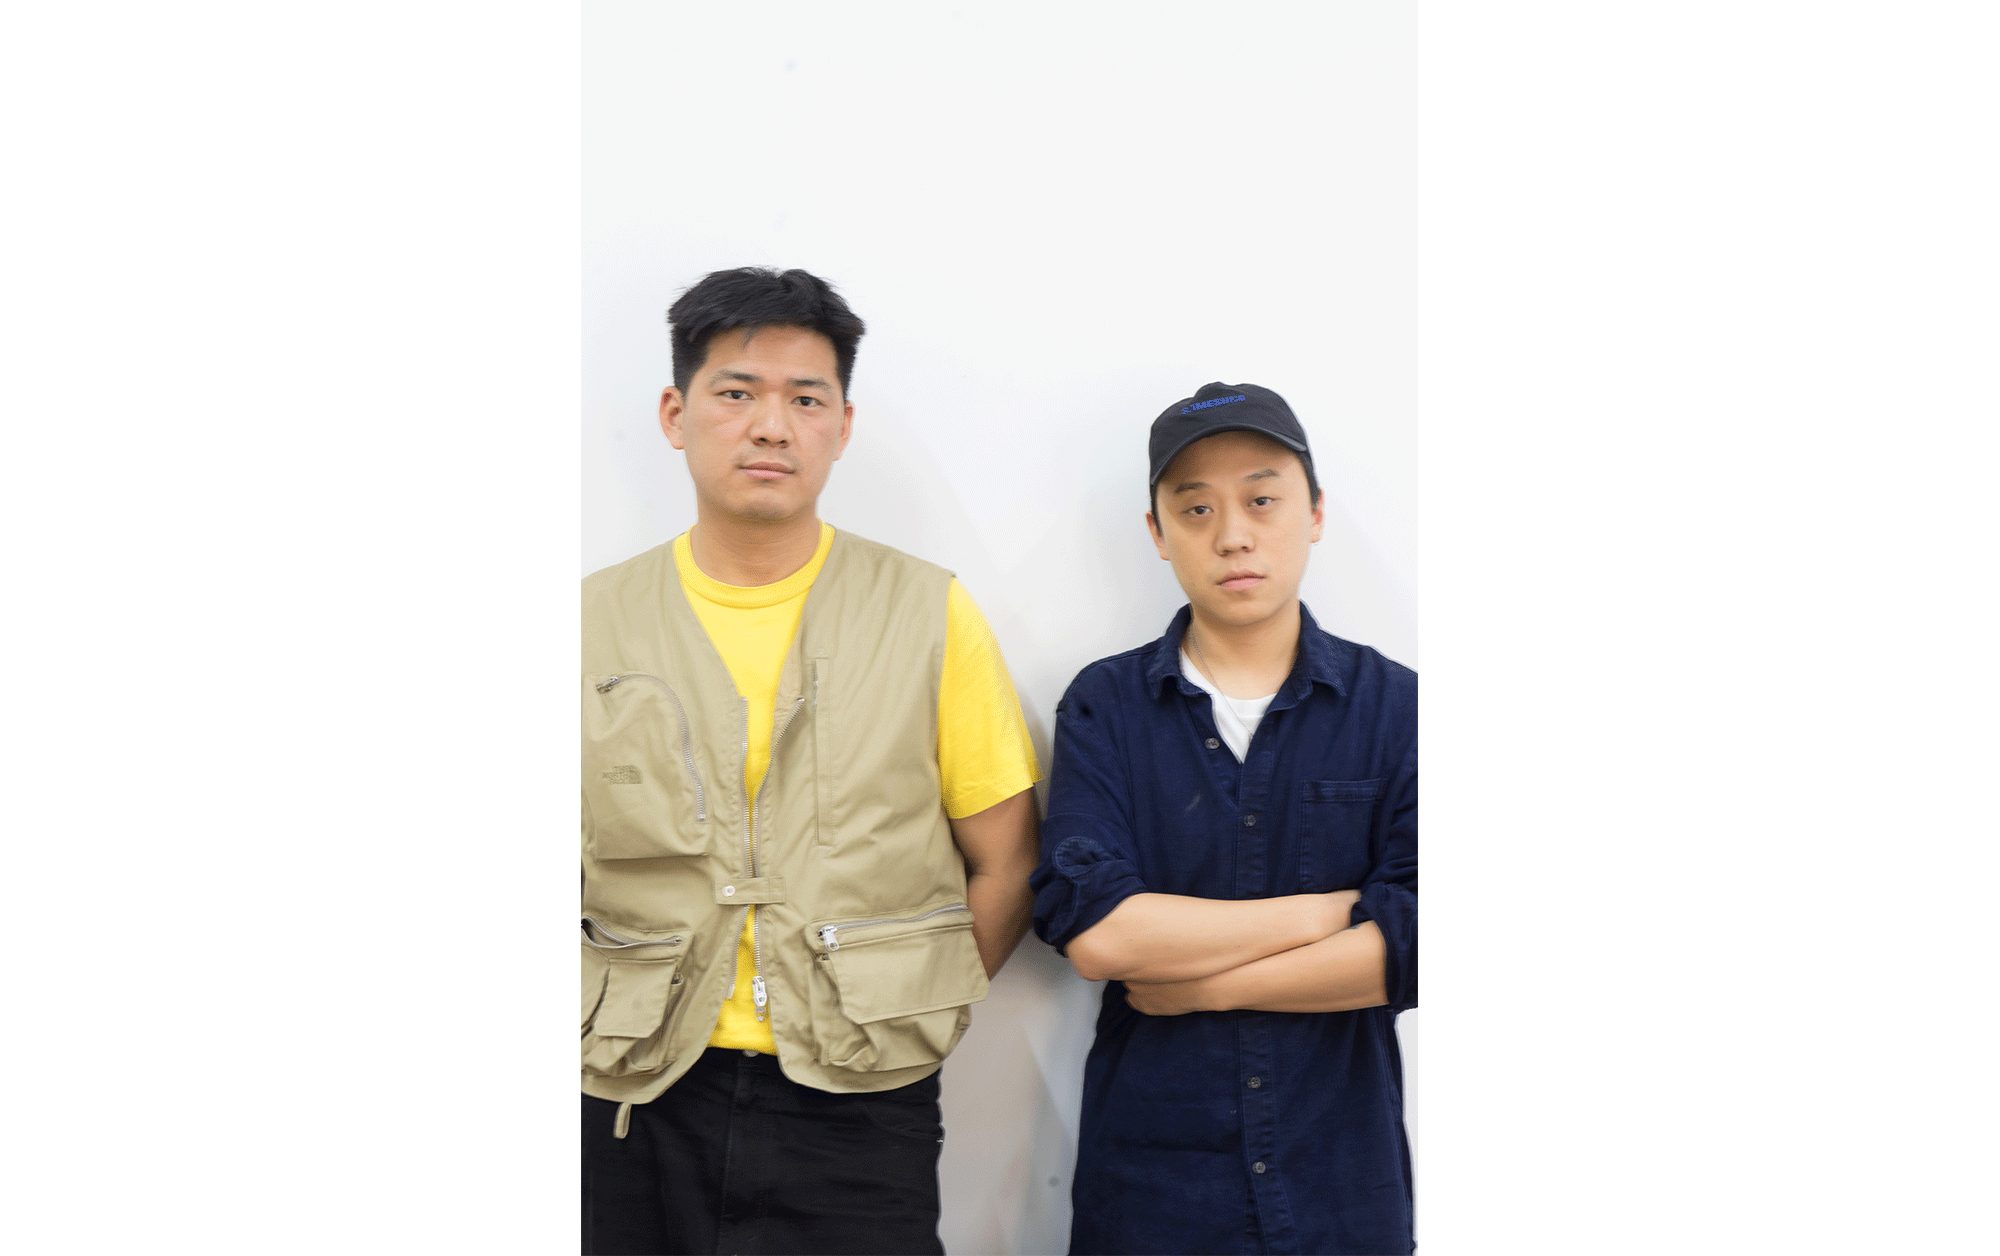 インターネット上のイメージから共通項を探し出し、唯一無二の印刷物に昇華する編集とデザインの妙 | Xiaopeng Yuan & Jiawei Liu